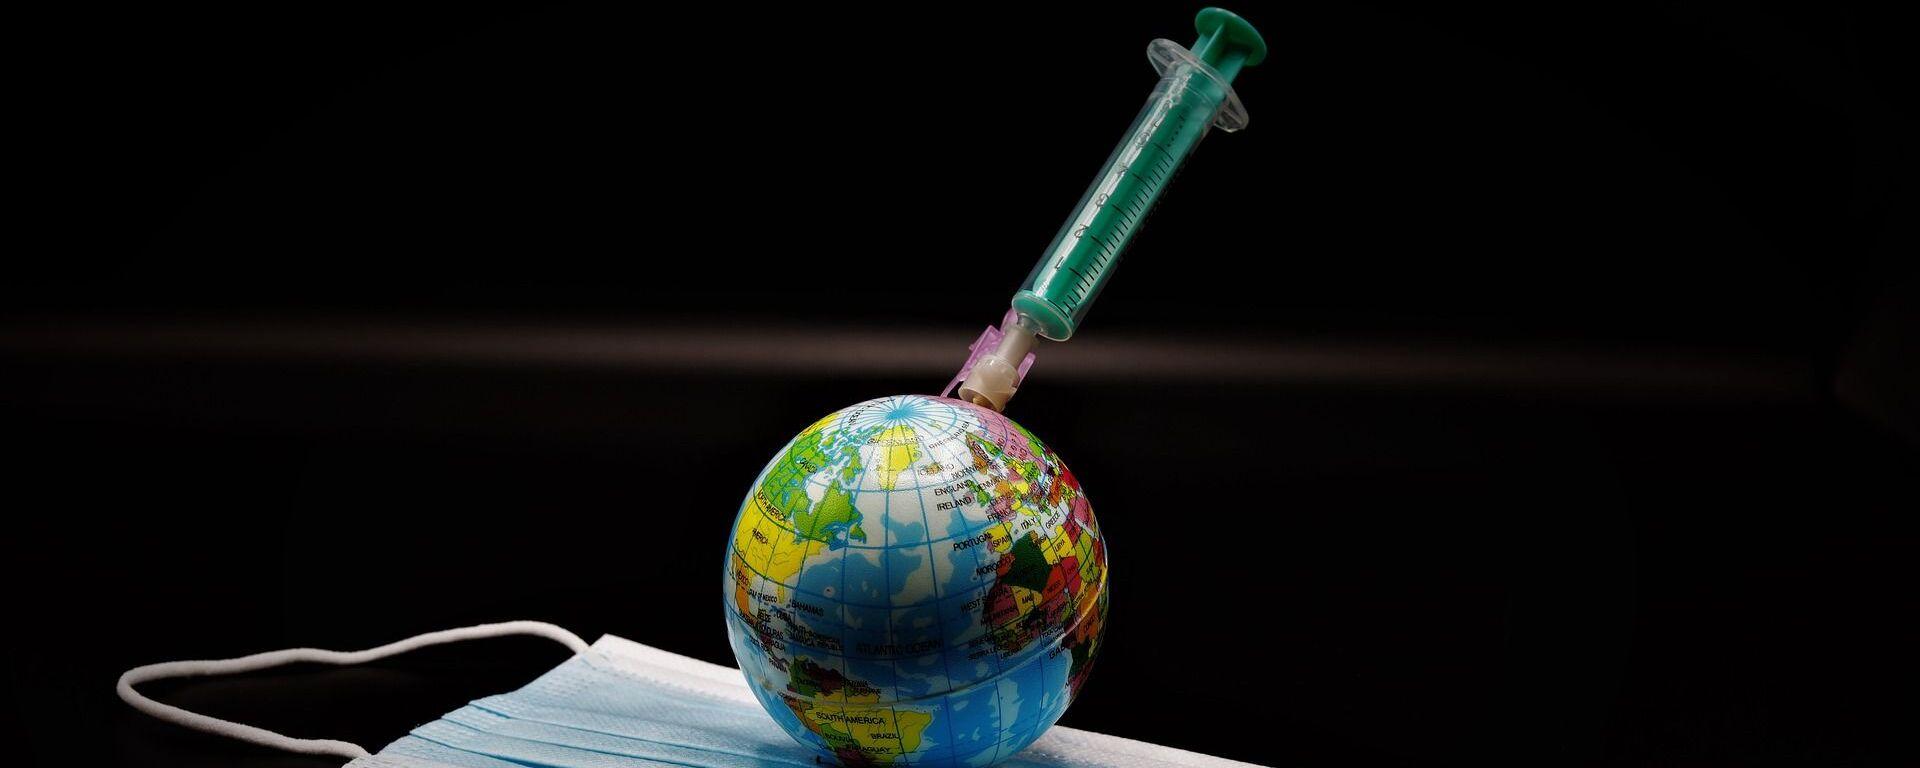 Un globo, una vacuna y una mascarilla durante el brote de coronavirus en el mundo - Sputnik Mundo, 1920, 10.03.2021